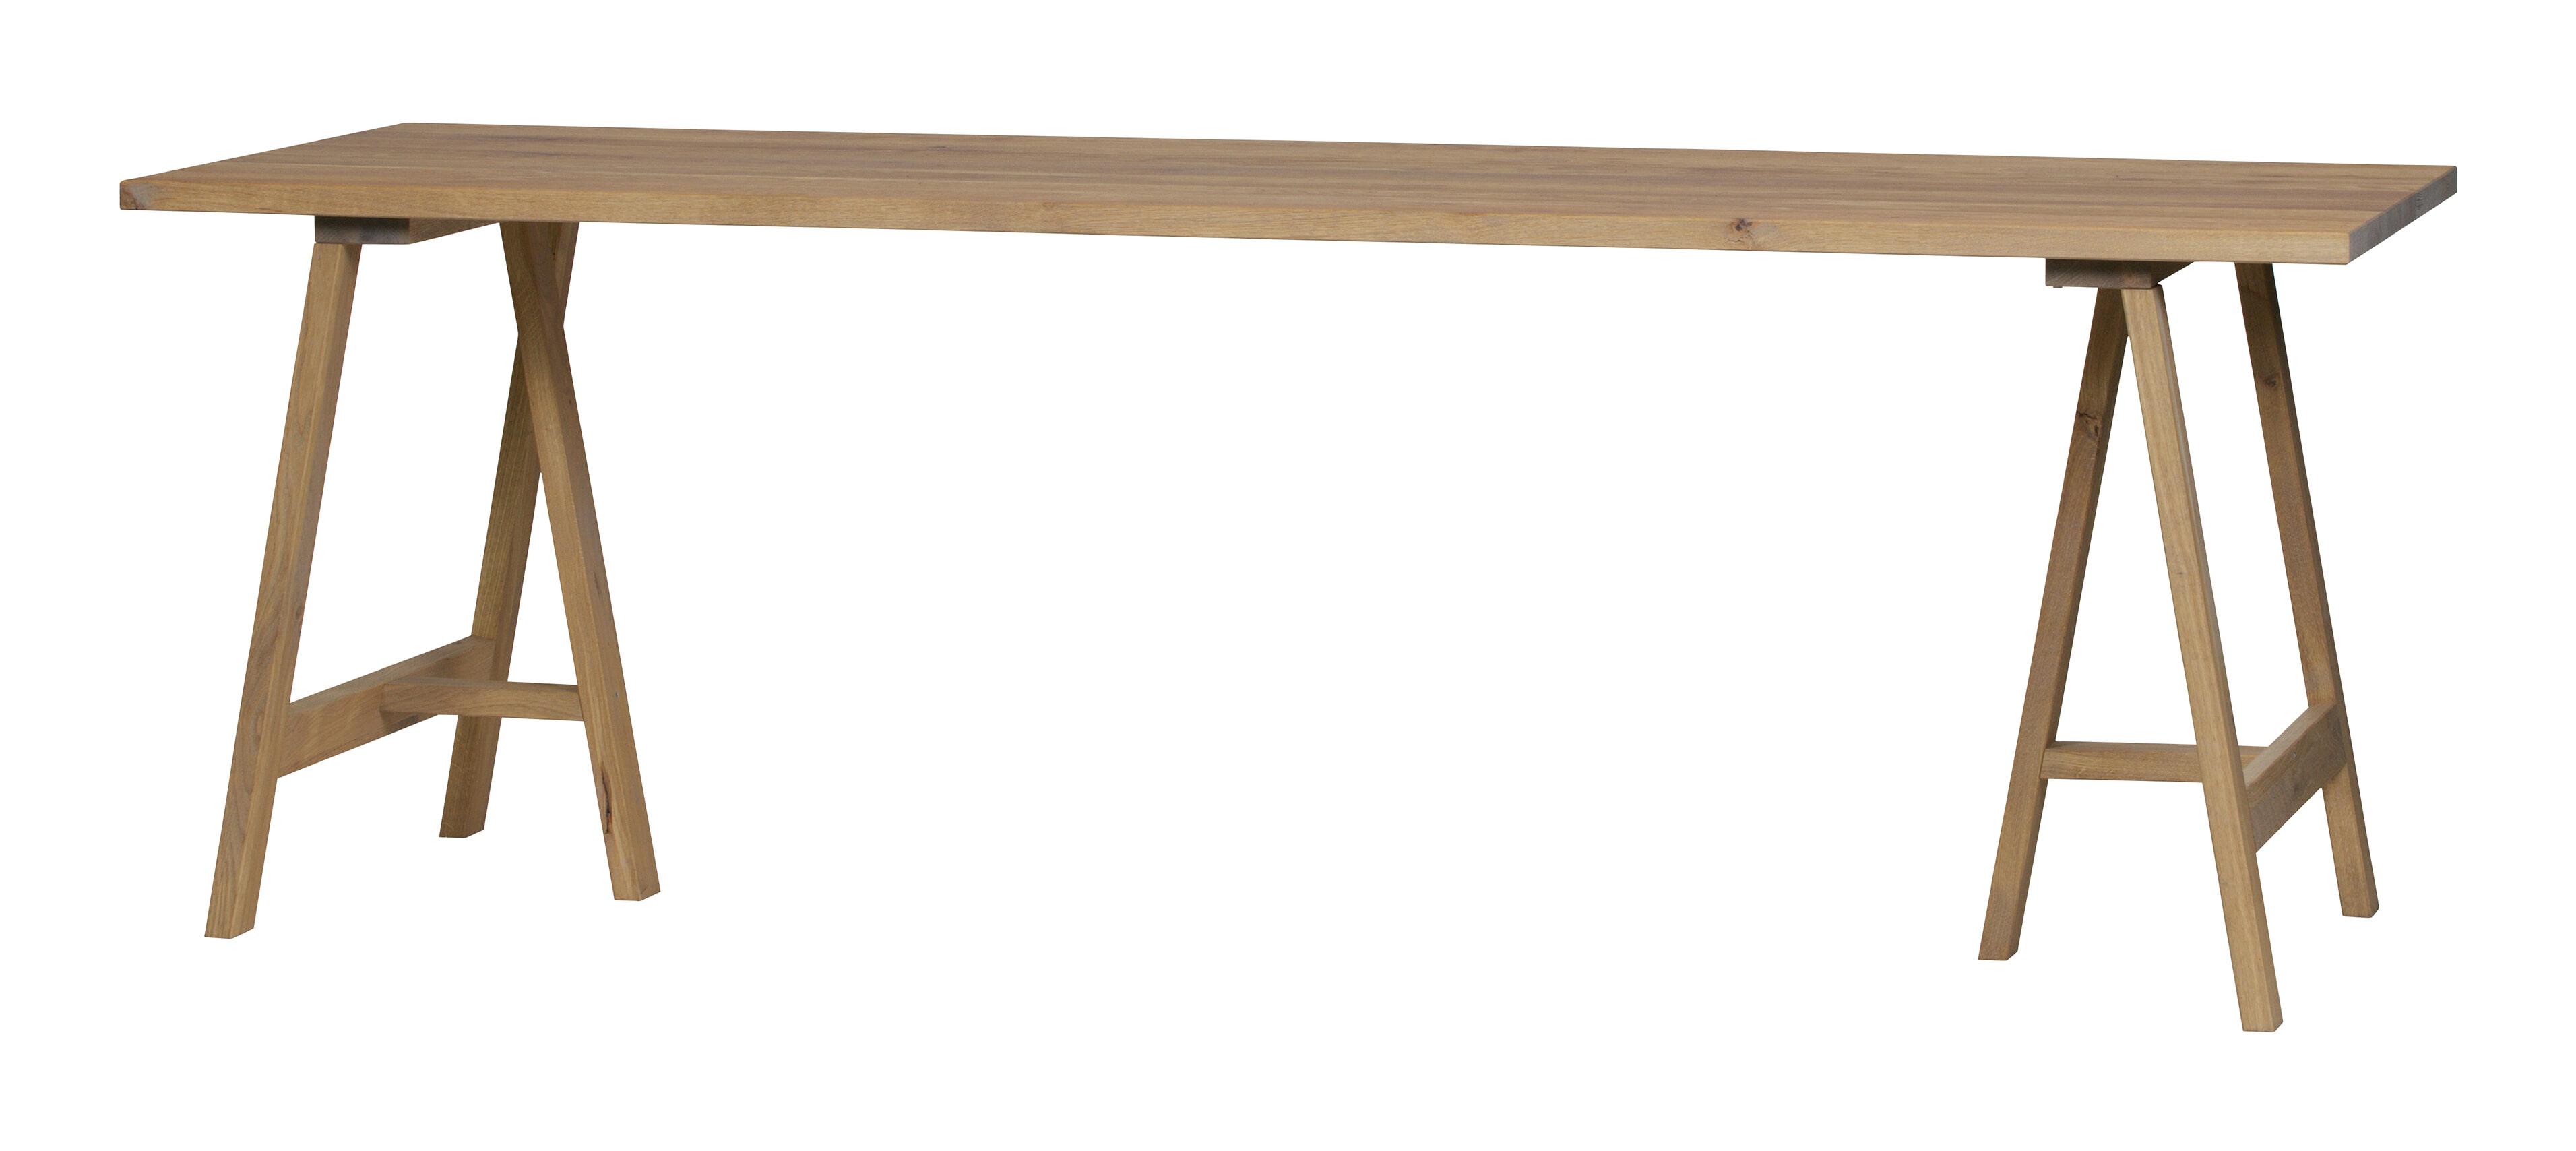 vtwonen Eettafel 'Panel' 220 x 80cm met voordeel snel in huis via Meubel Partner